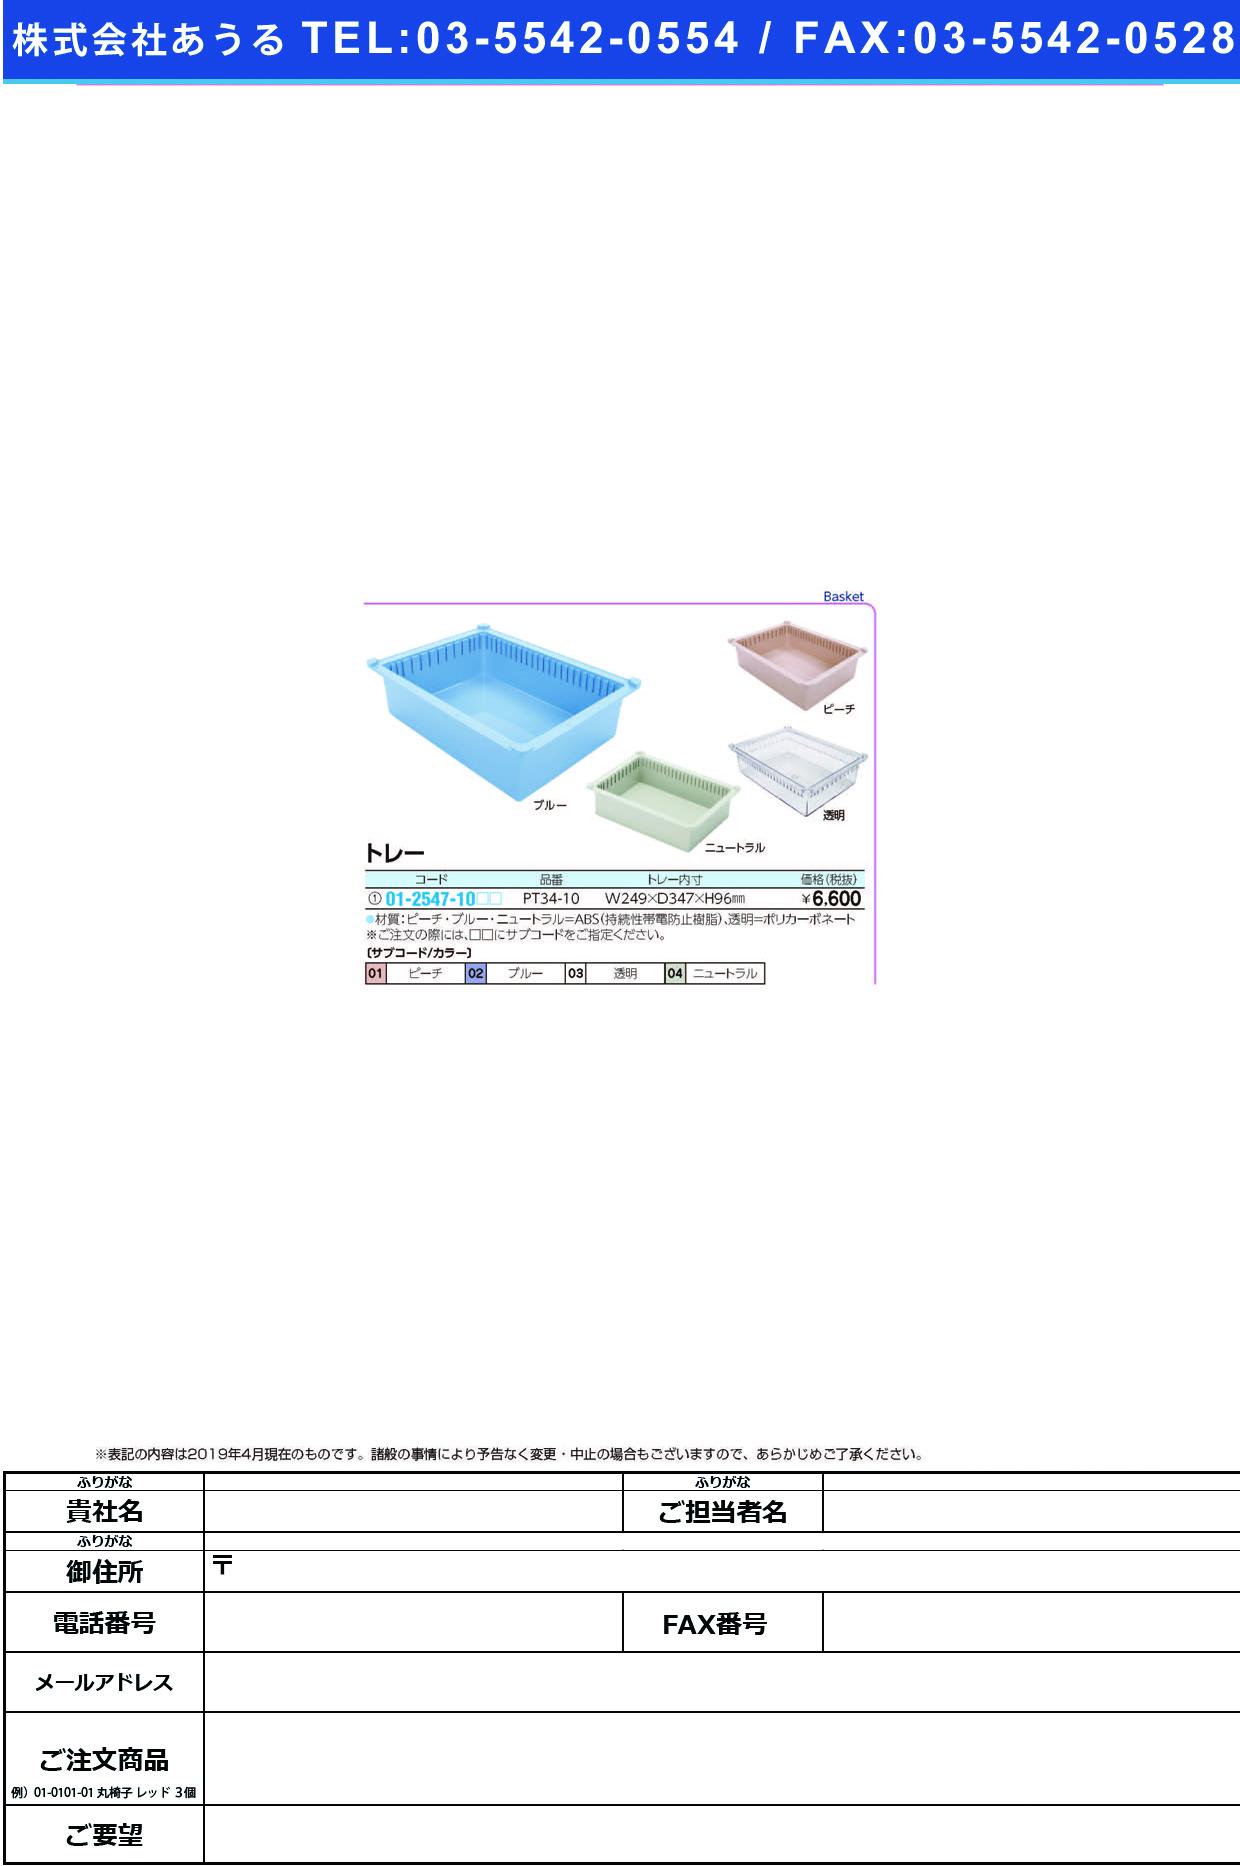 (01-2547-10)プラスチックトレー PT34-10 プラスチックトレー ピーチ(サカセ化学工業)【1枚単位】【2019年カタログ商品】